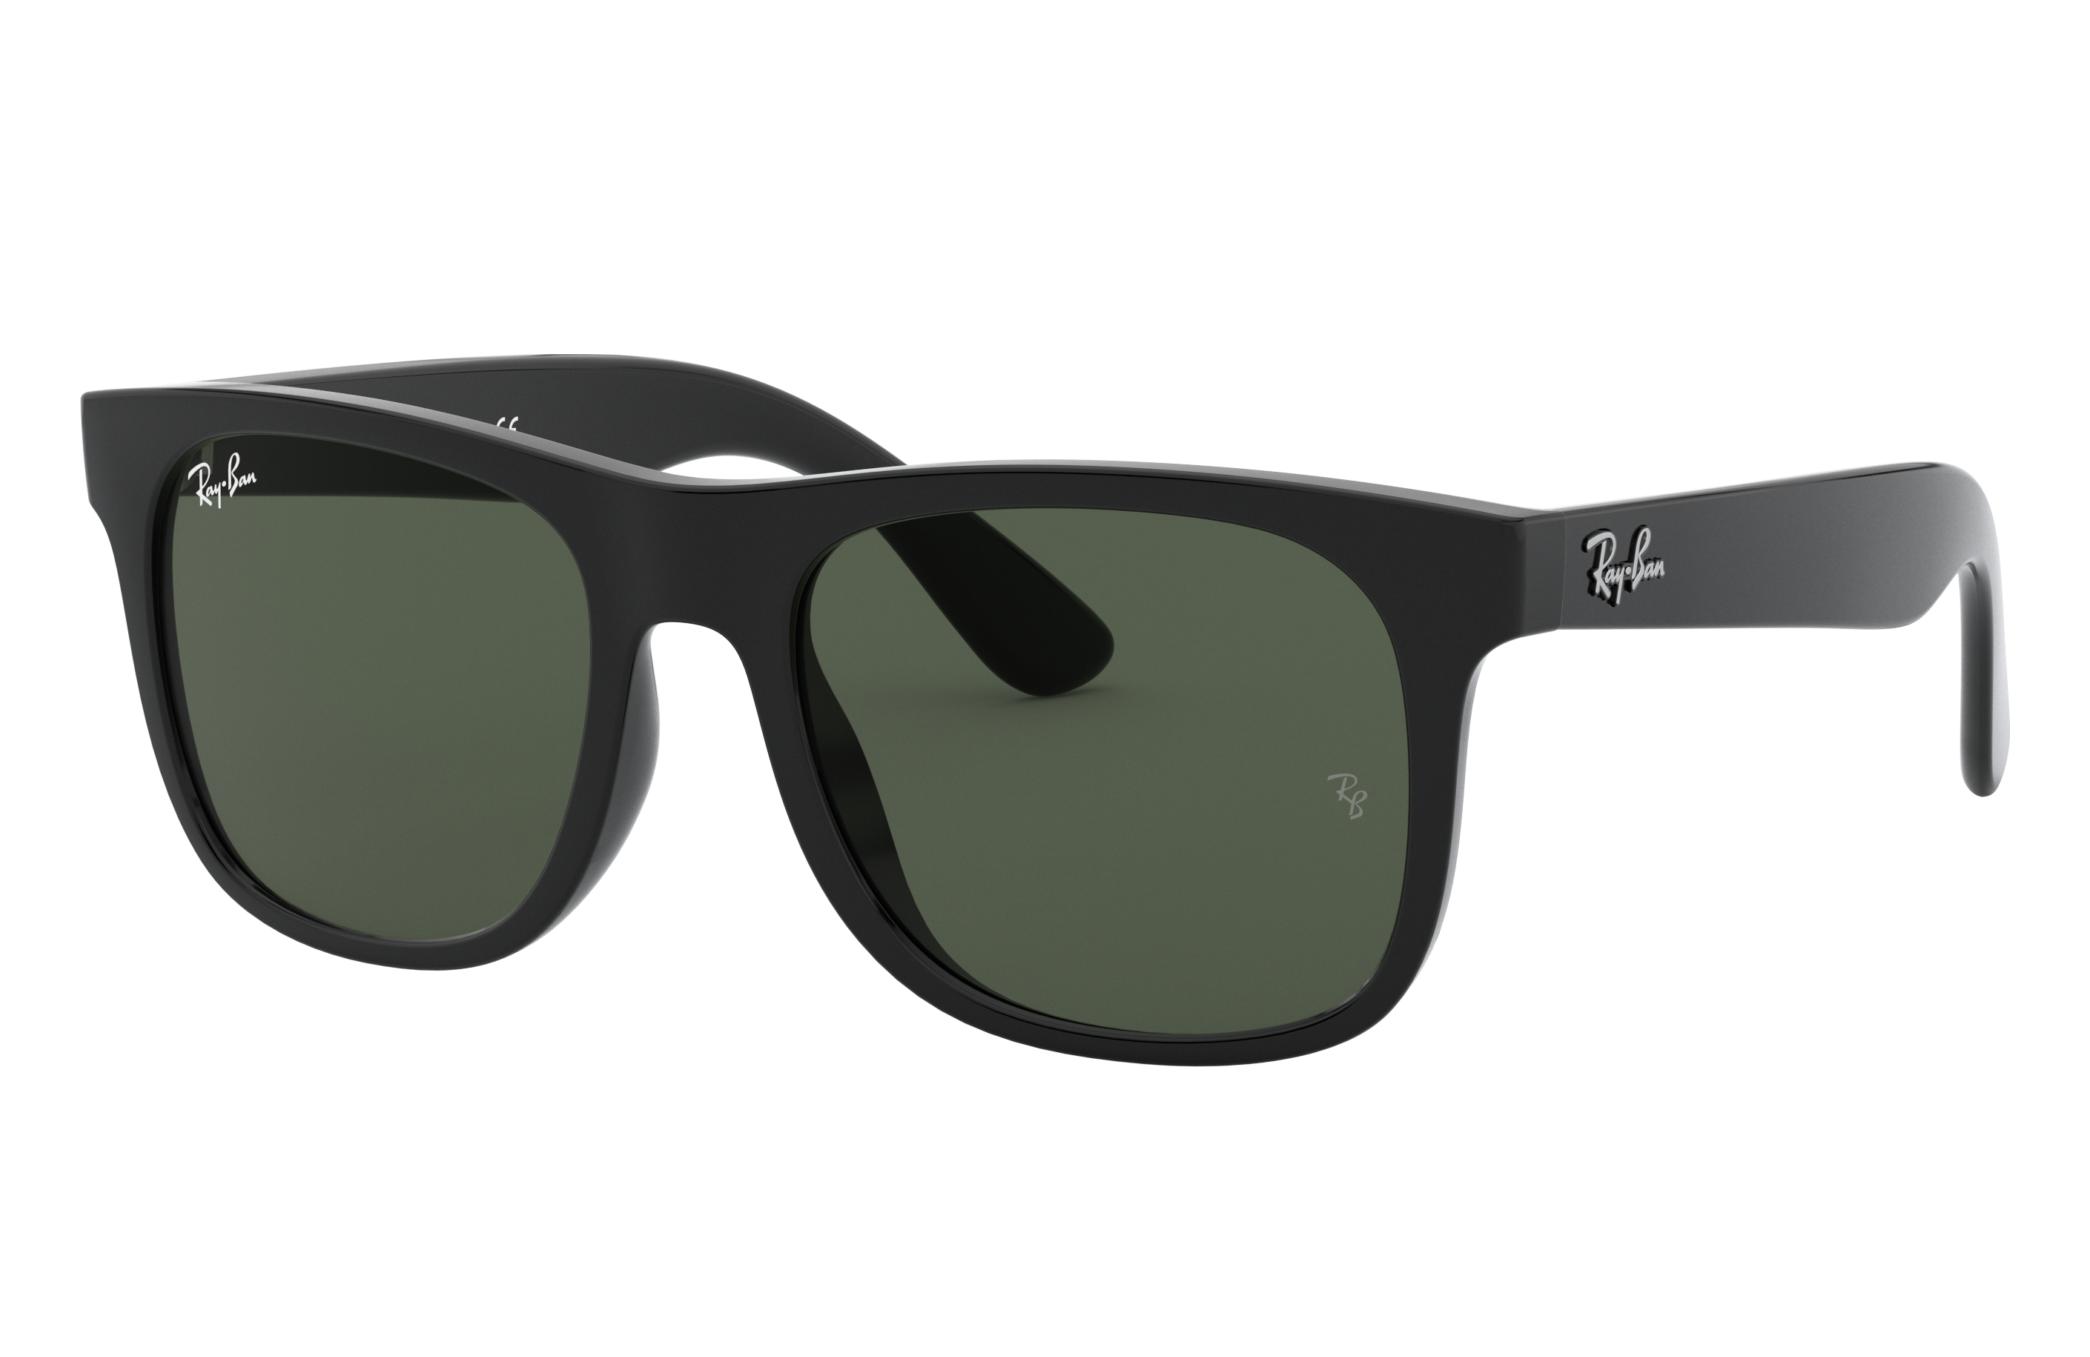 Ray-Ban Rj9069s Black, Green Lenses - RJ9069S